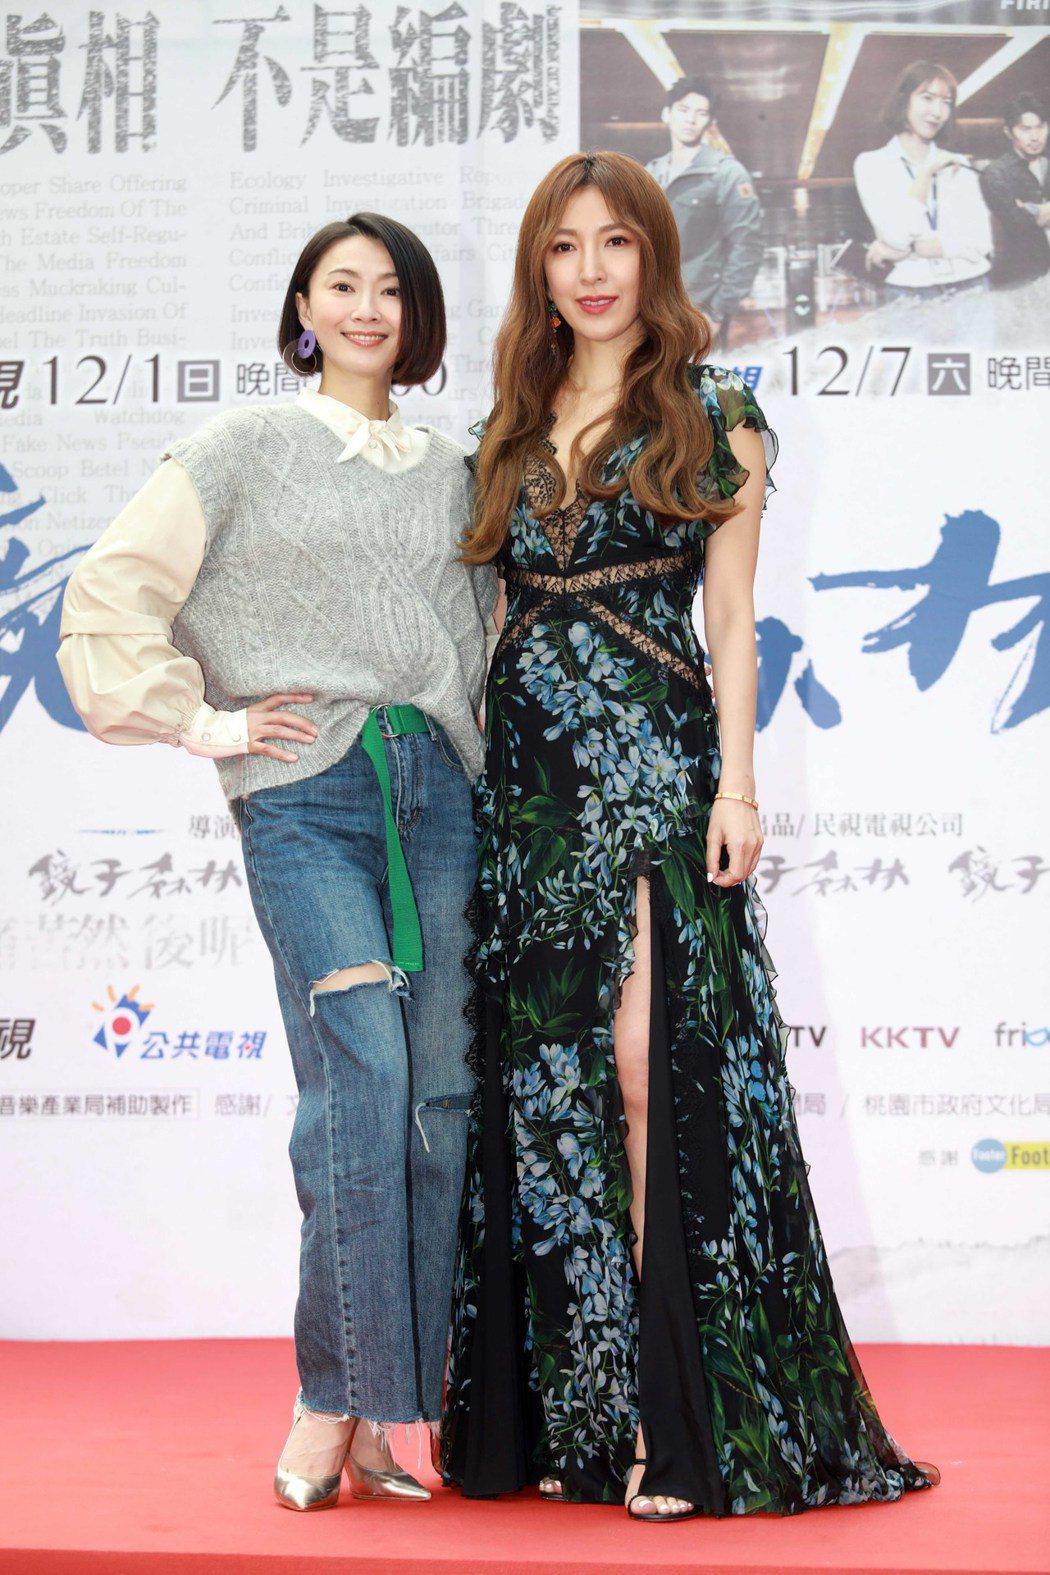 楊謹華(右)、侯怡君出席「鏡子森林」首映會。圖/民視提供